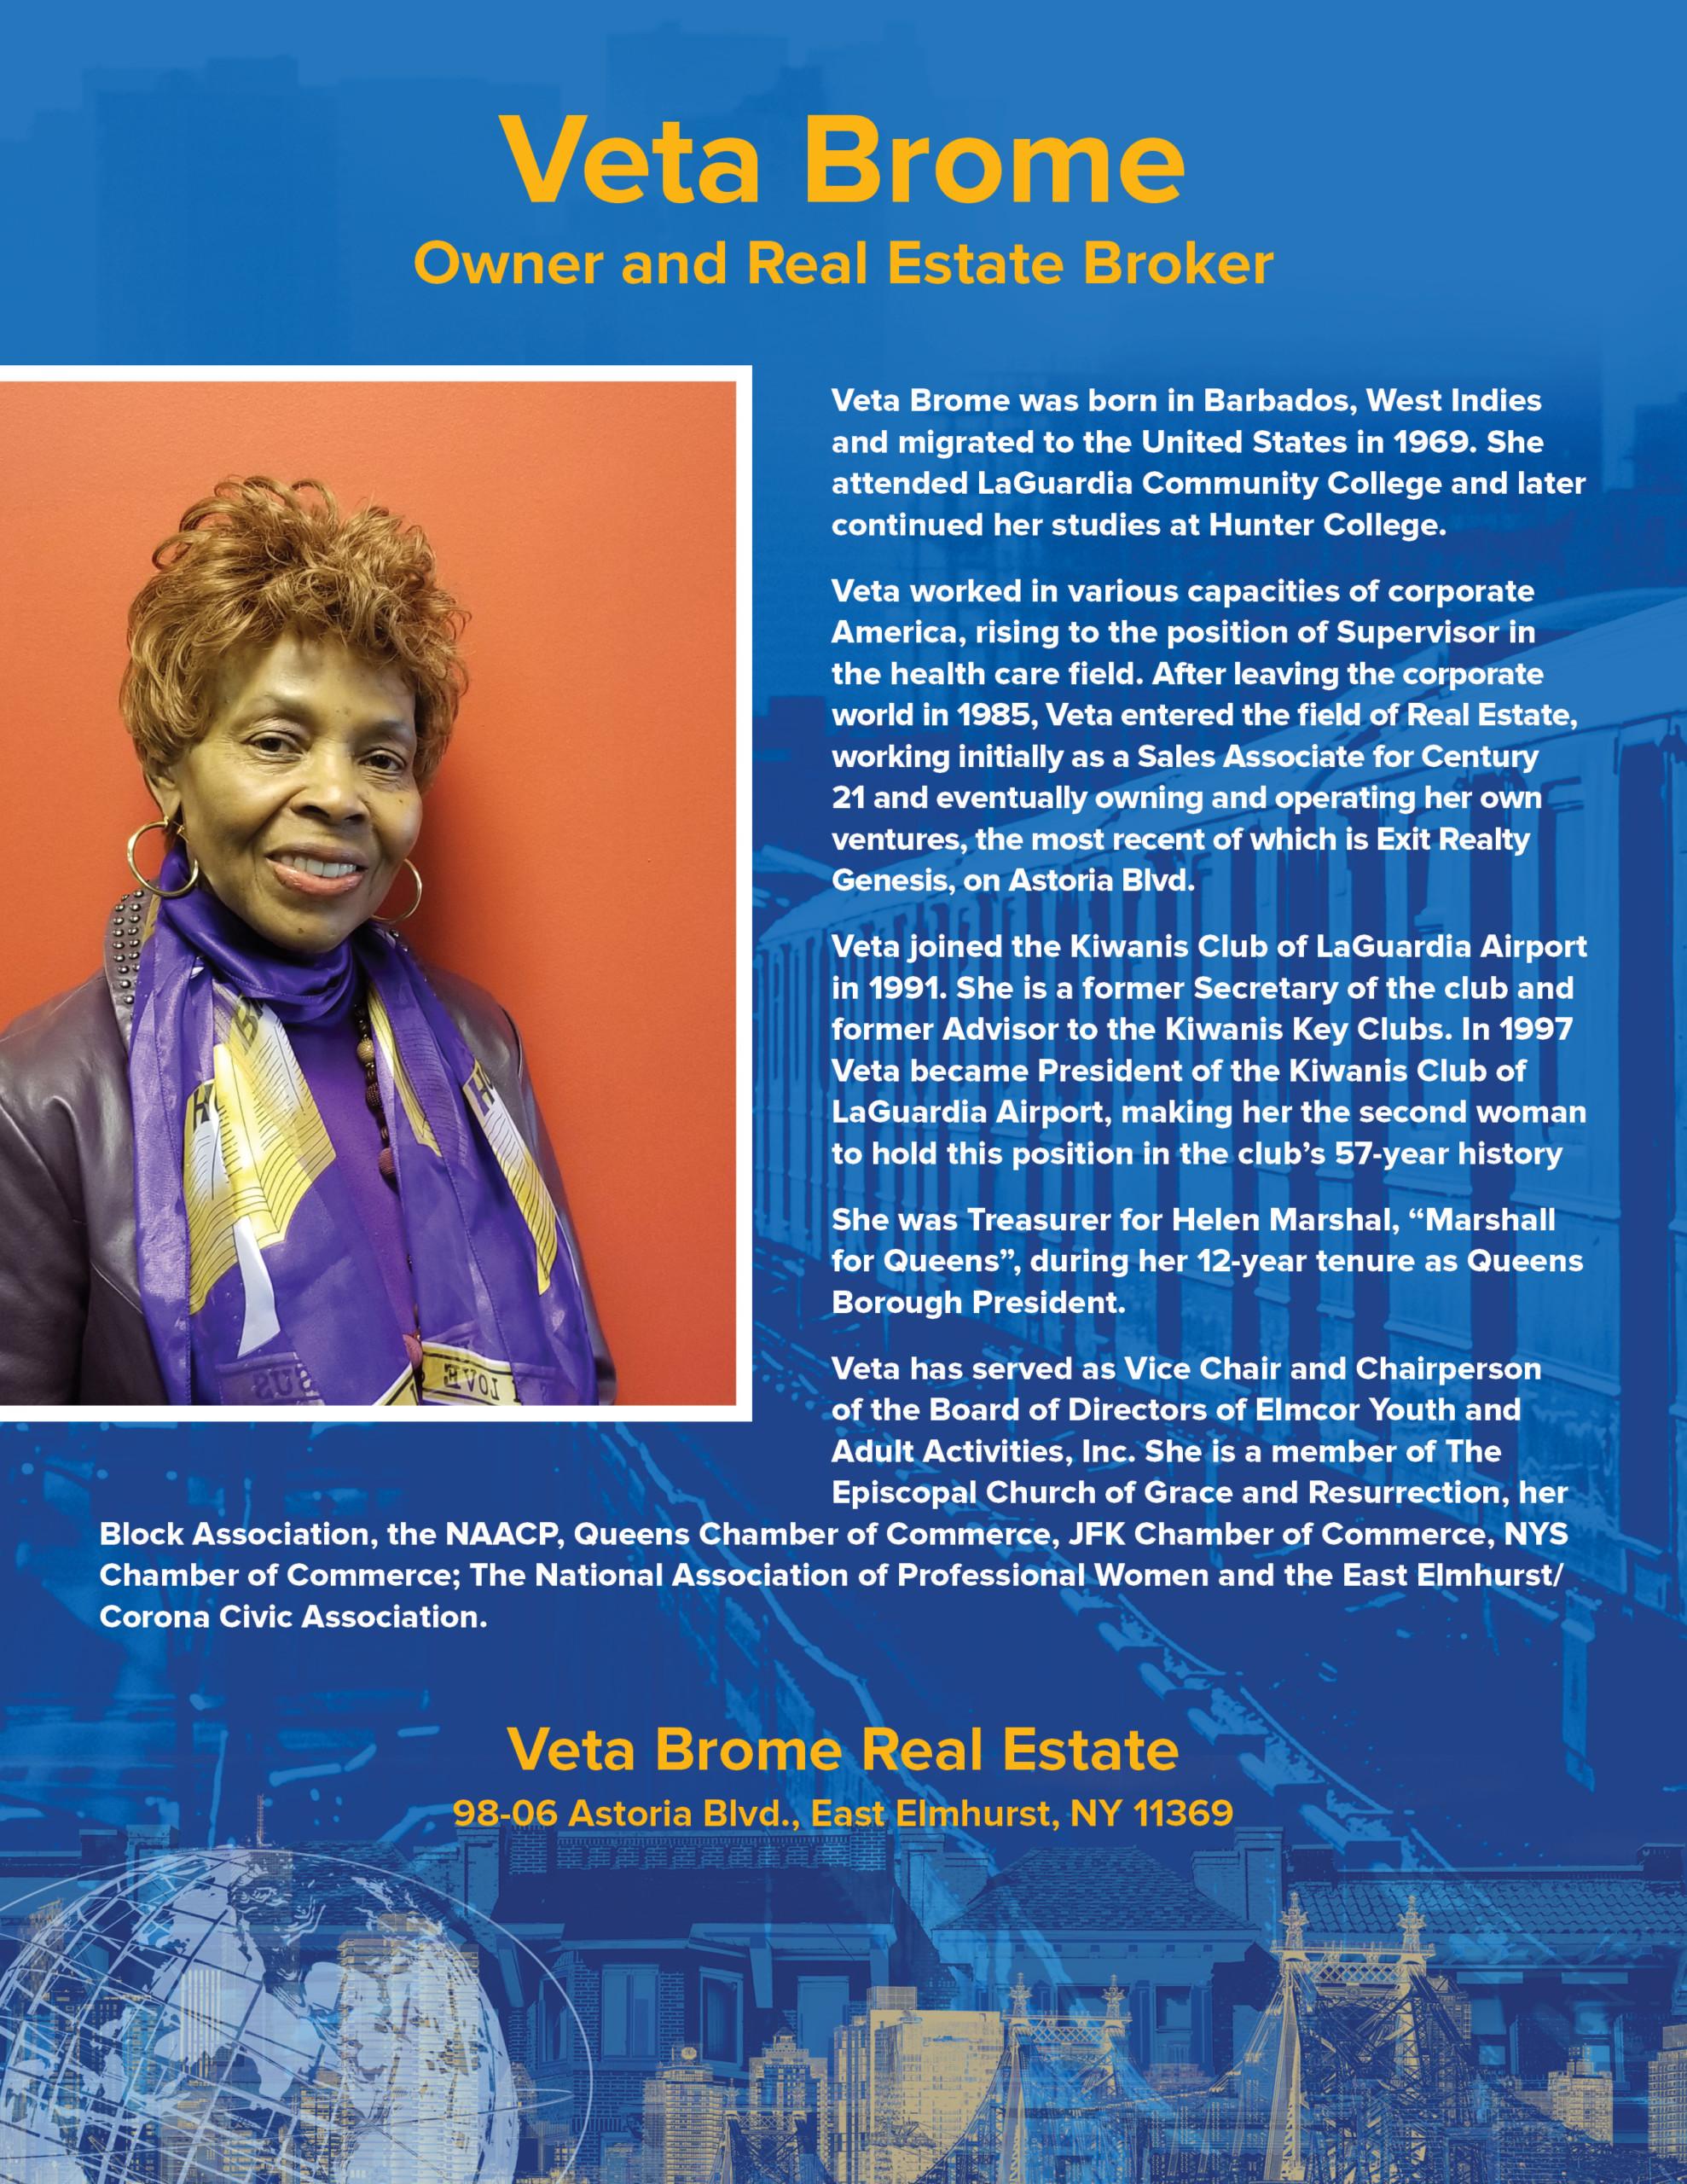 Veta Brome, Owner of Veta Brome Real Estate